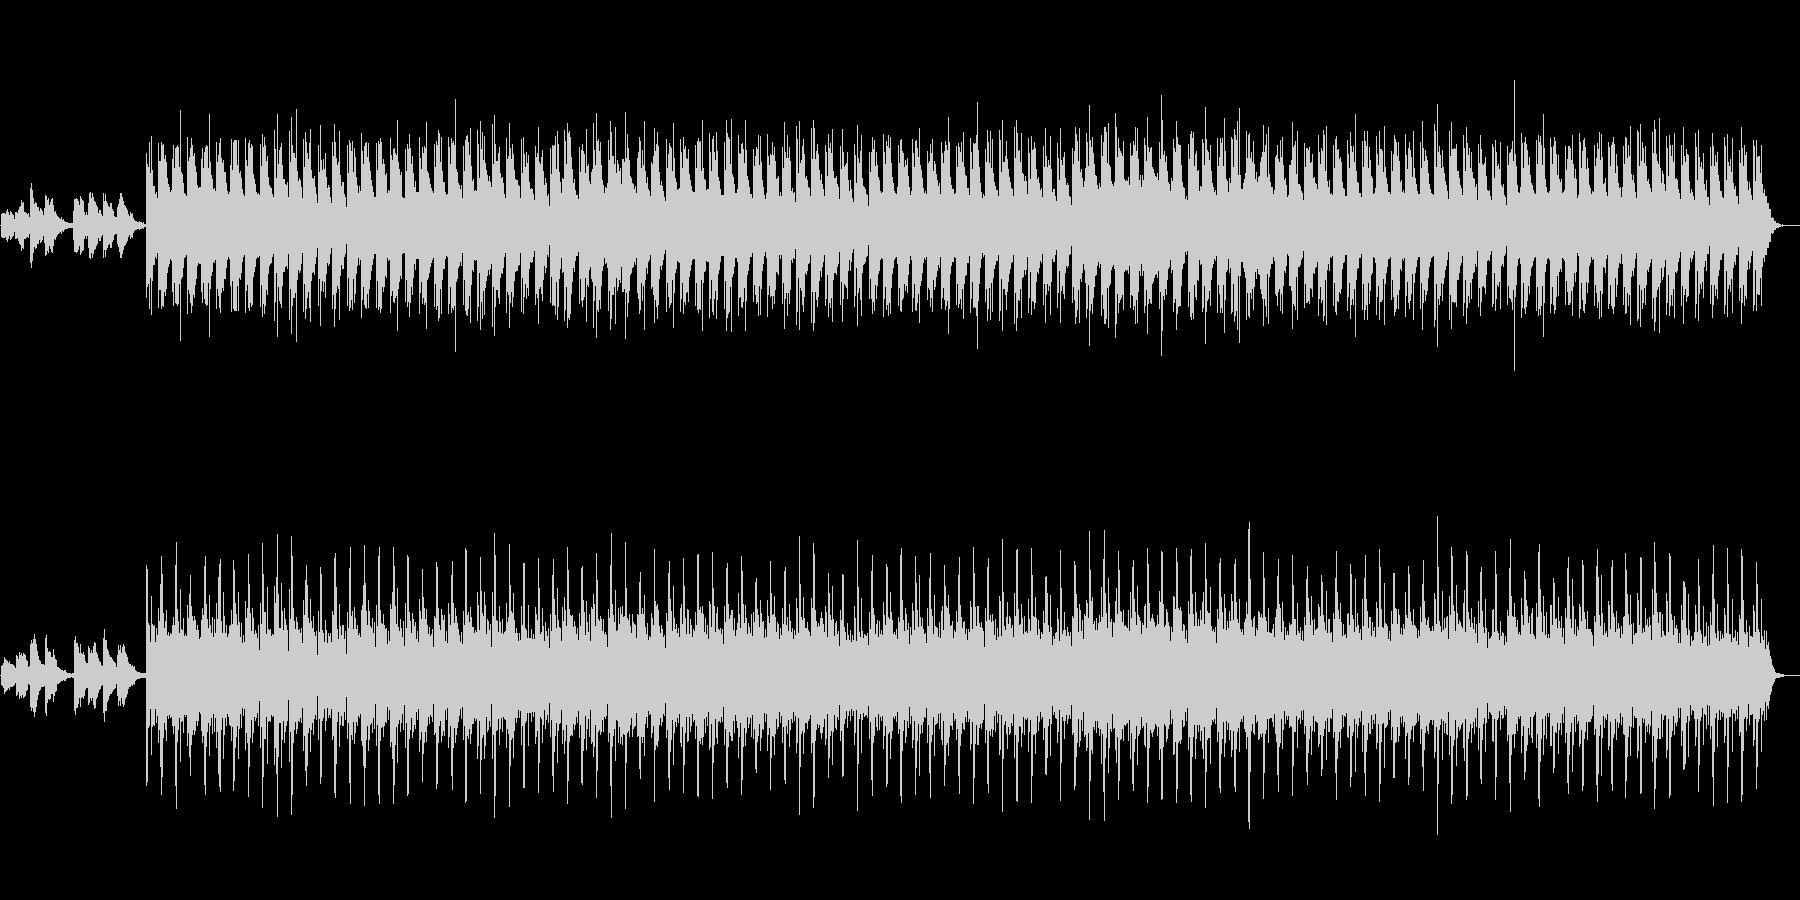 夜 無数のロウソク エレクトロバラードの未再生の波形